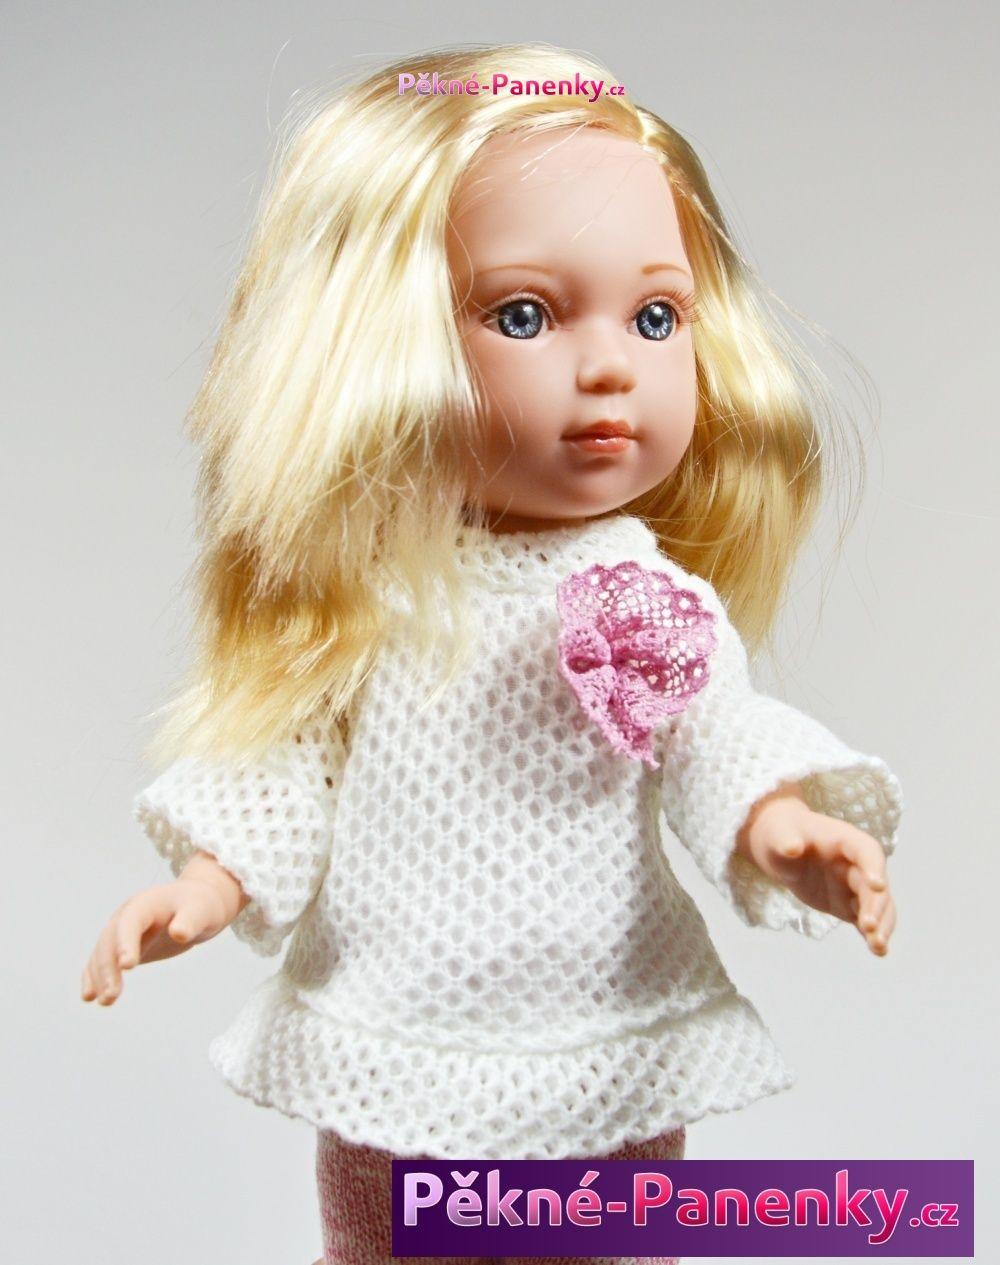 originalní španělské panenky pro děti realistická panenka s vlasy, která vypadá jako živá Arias mluvící panenky ze Španělska pro děti